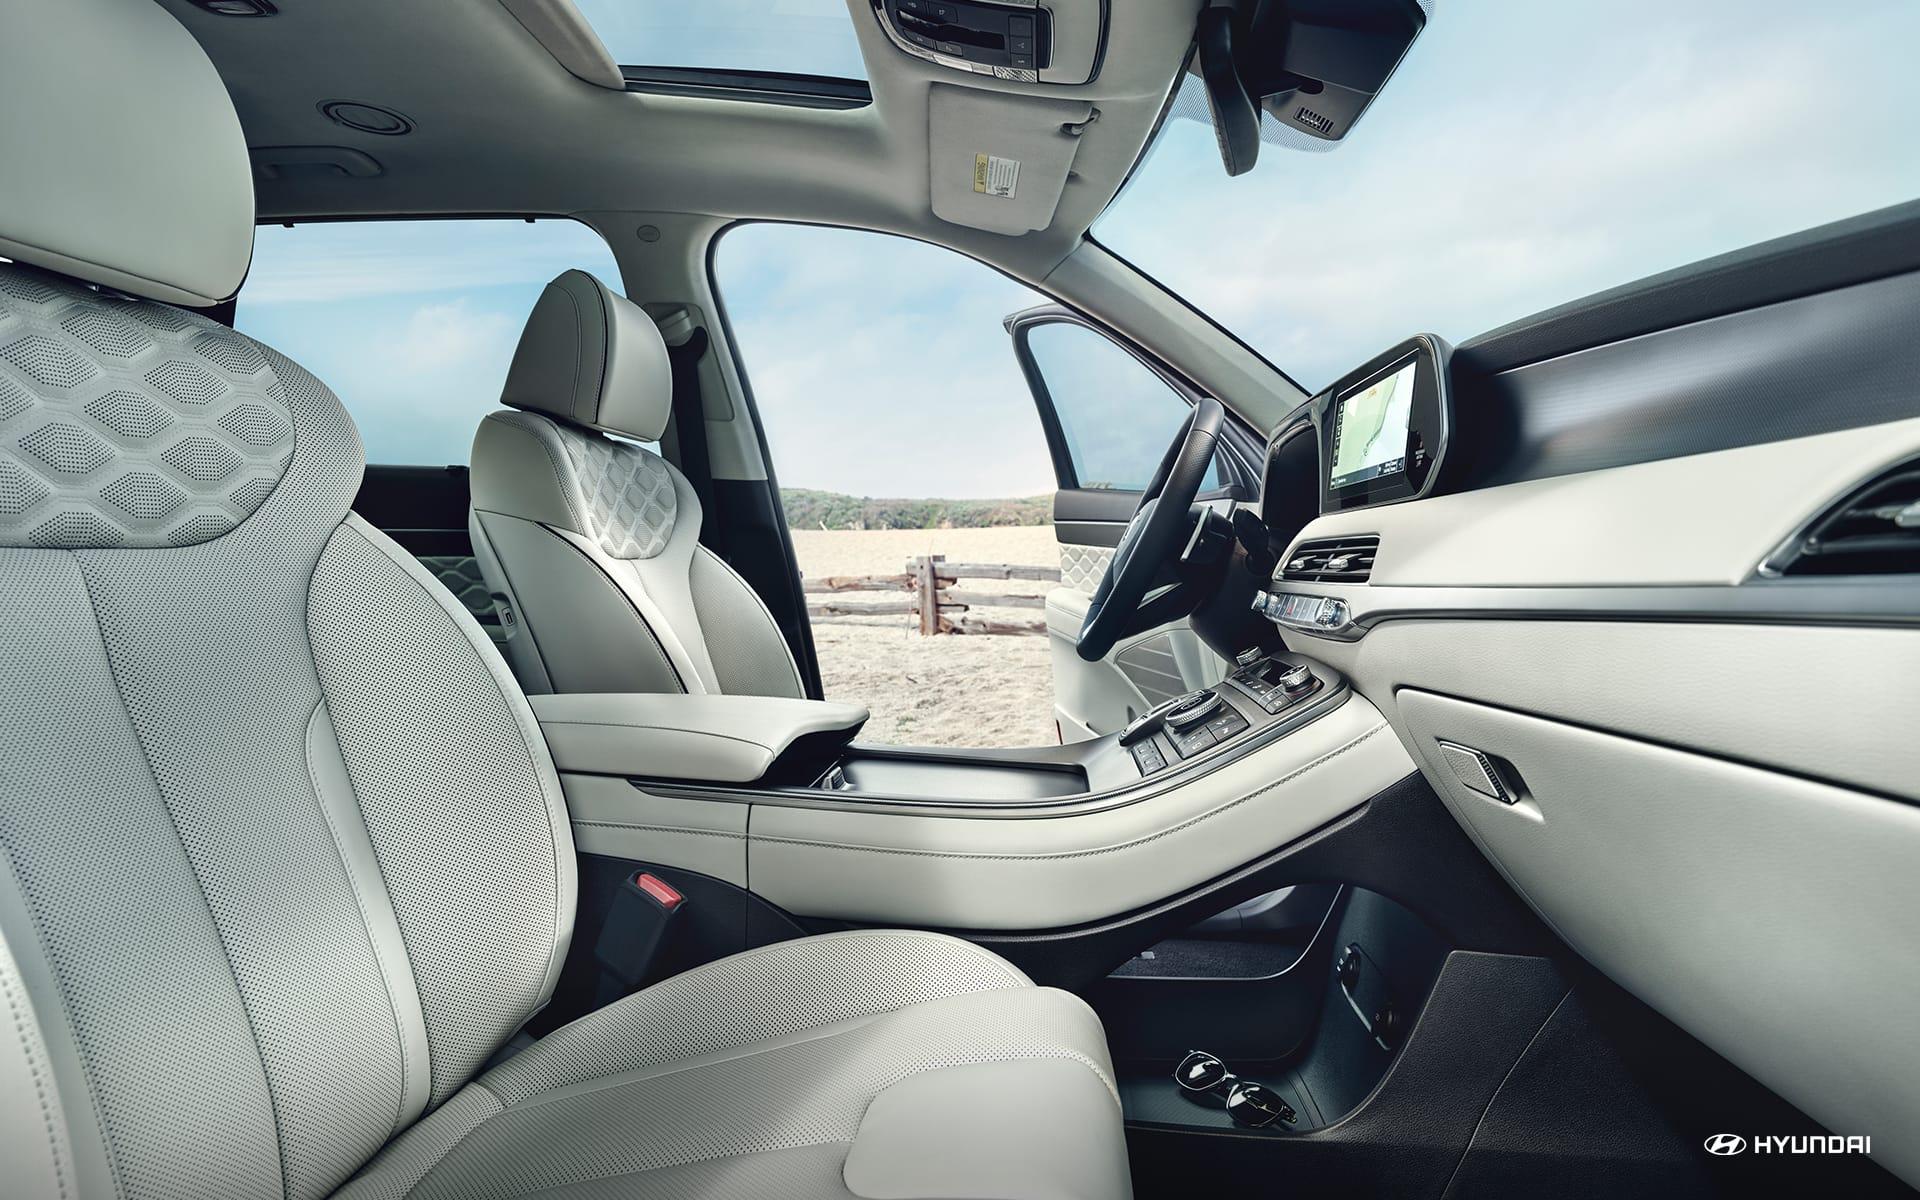 Los asientos opcionales de cuero Nappa son el toque perfecto de excentricidad en la cabina.